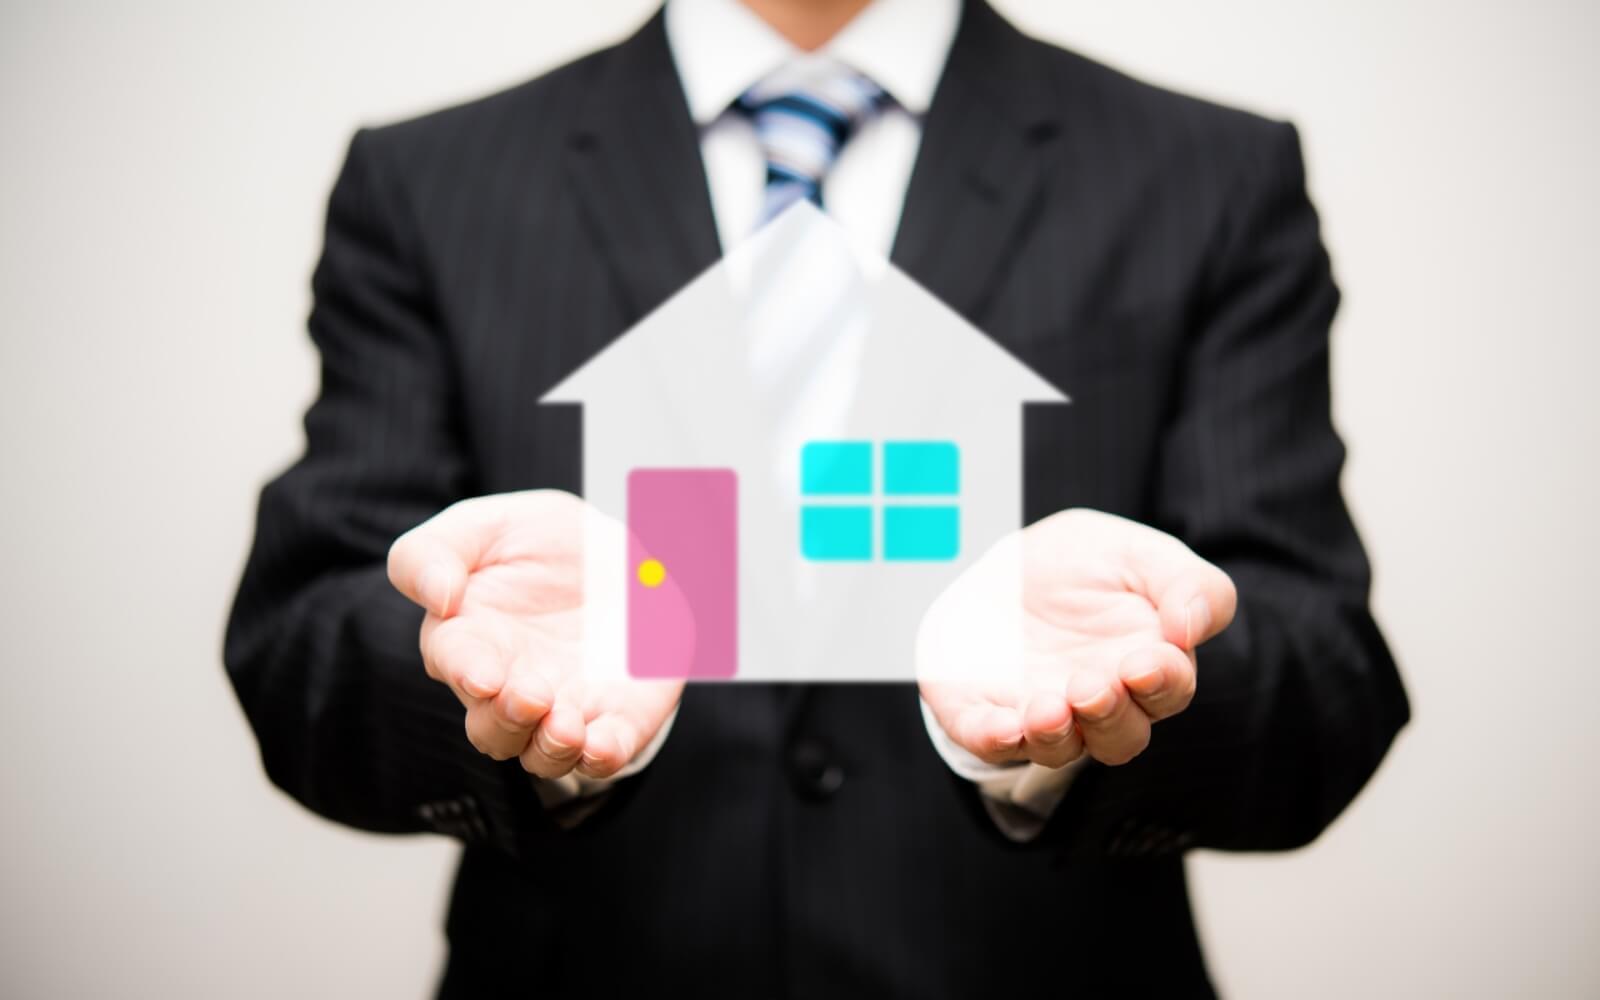 宅地建物取引業(宅建業)と不動産業の違い